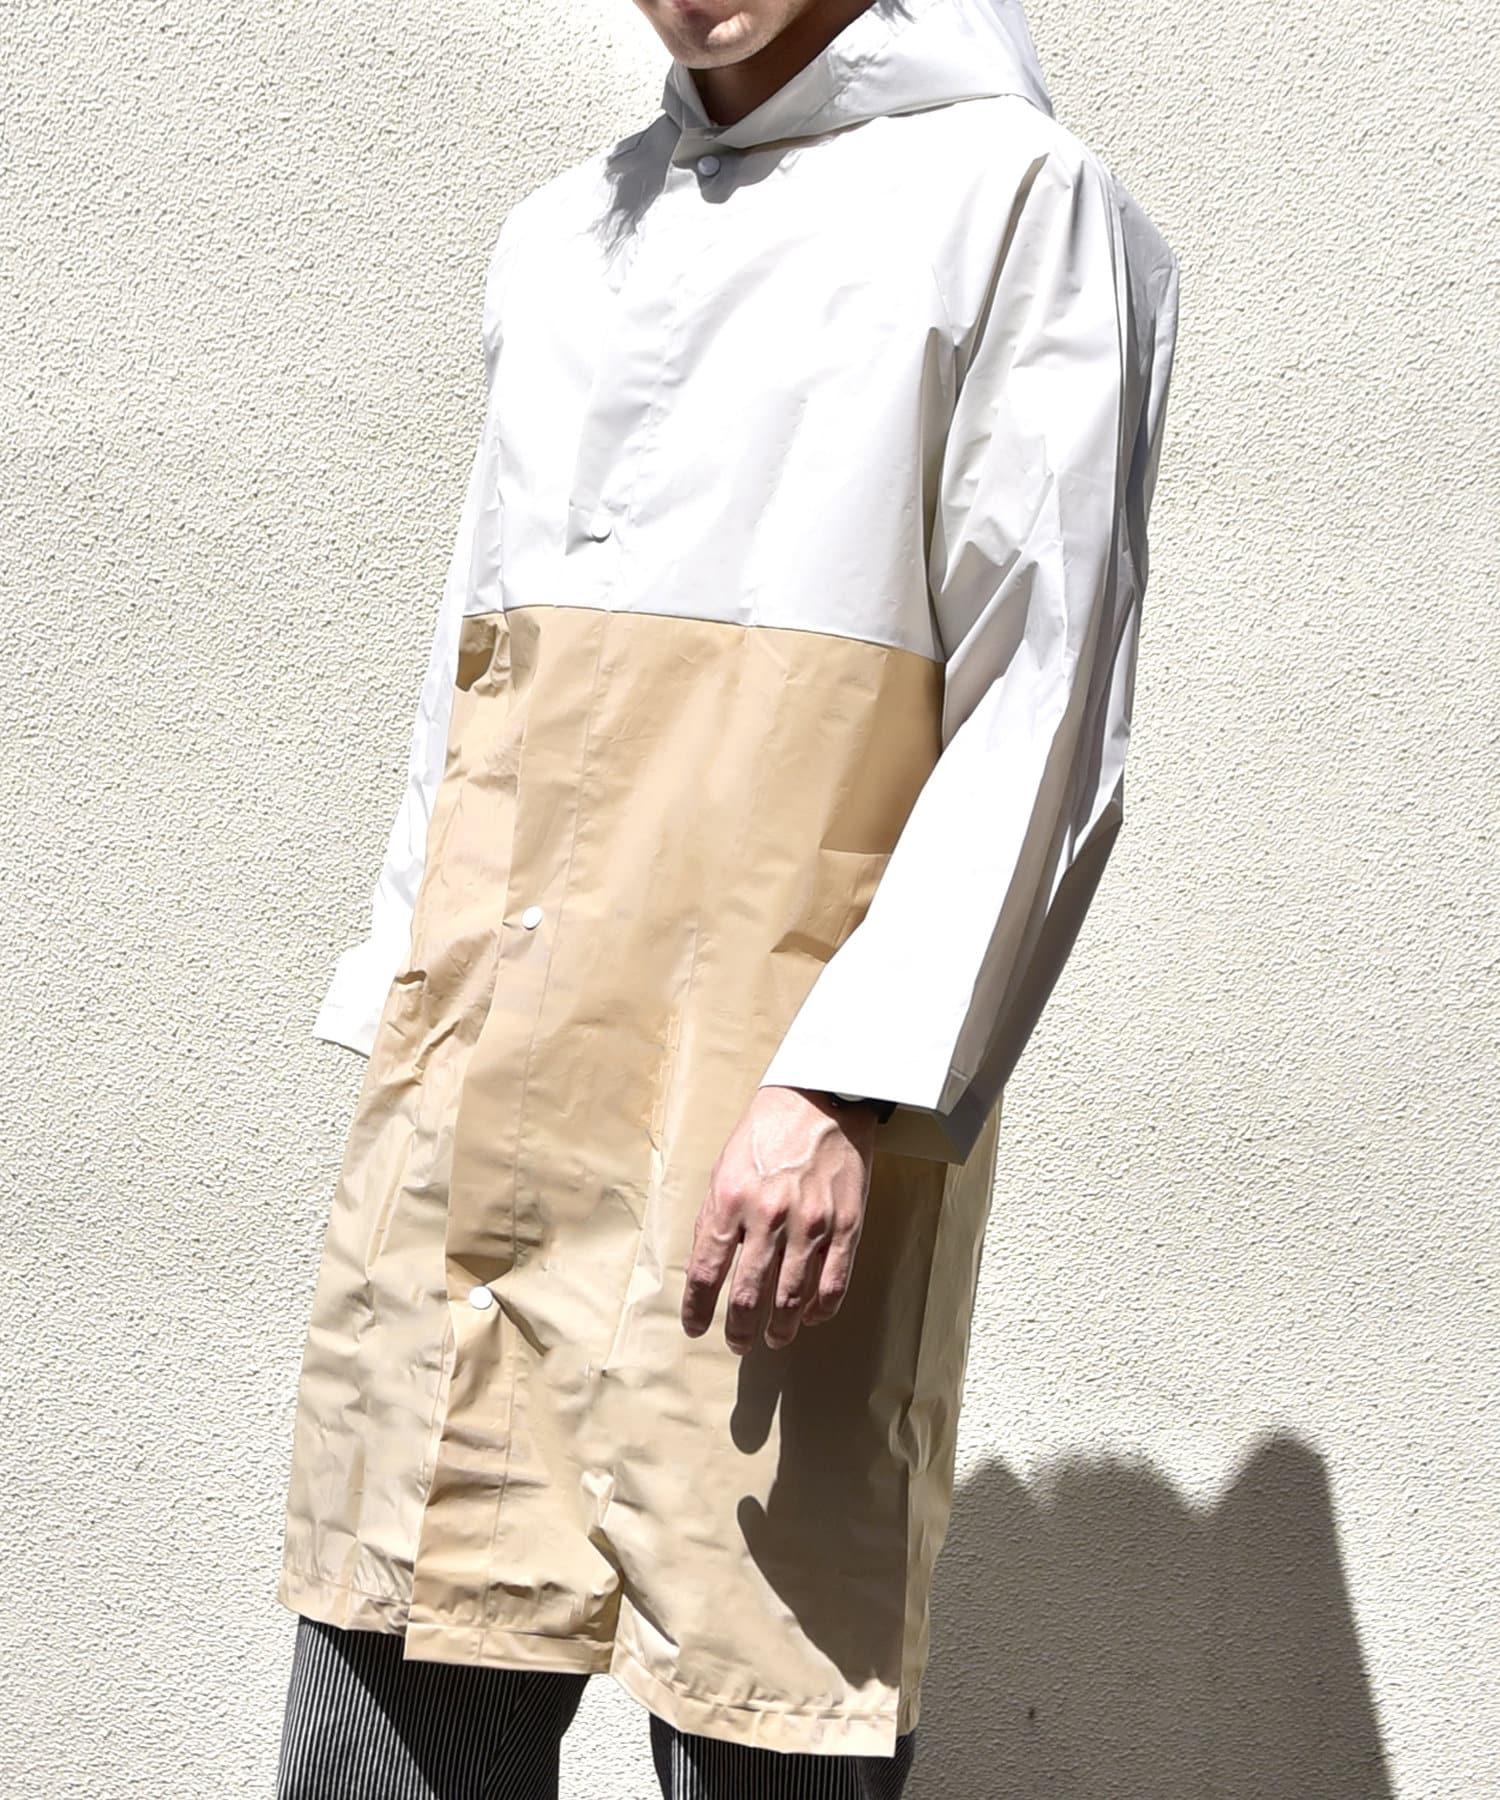 3COINS(スリーコインズ) メンズ 【Enjoy Rainy Days】巾着付き切り替えレインコート ベージュ